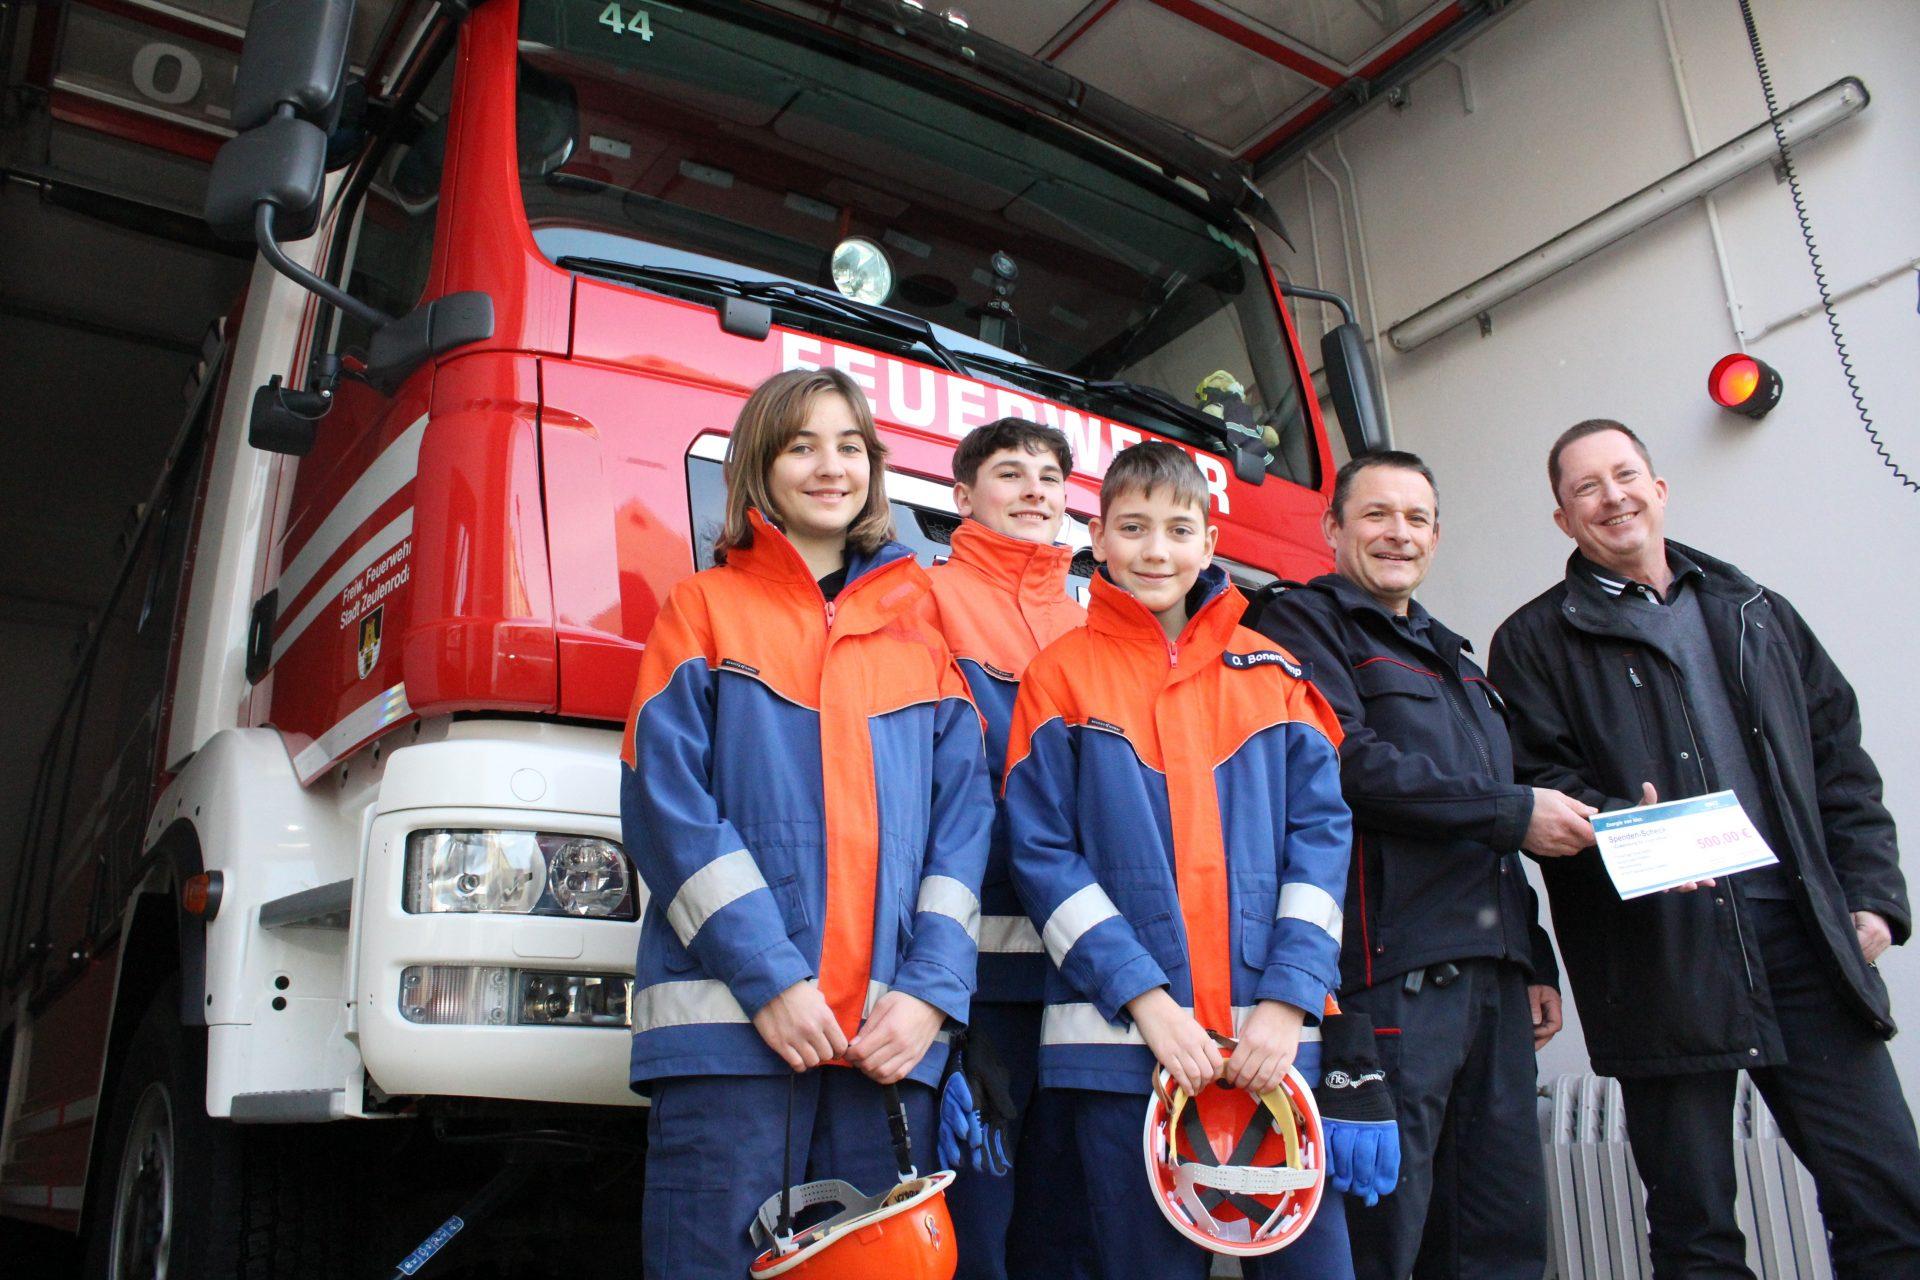 Roter Bus fährt künftig Zeulenroda Feuerwehrnachwuchs und Werbung durch die Lande